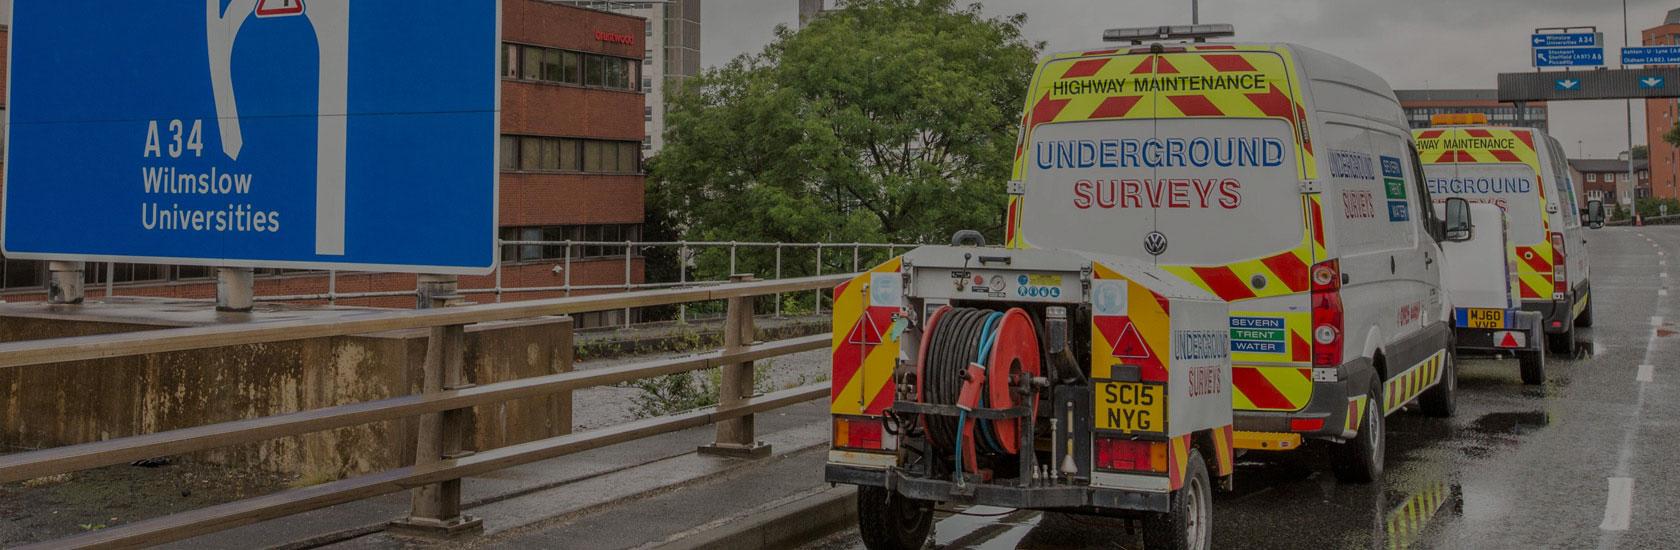 Underground Surveys (UK)